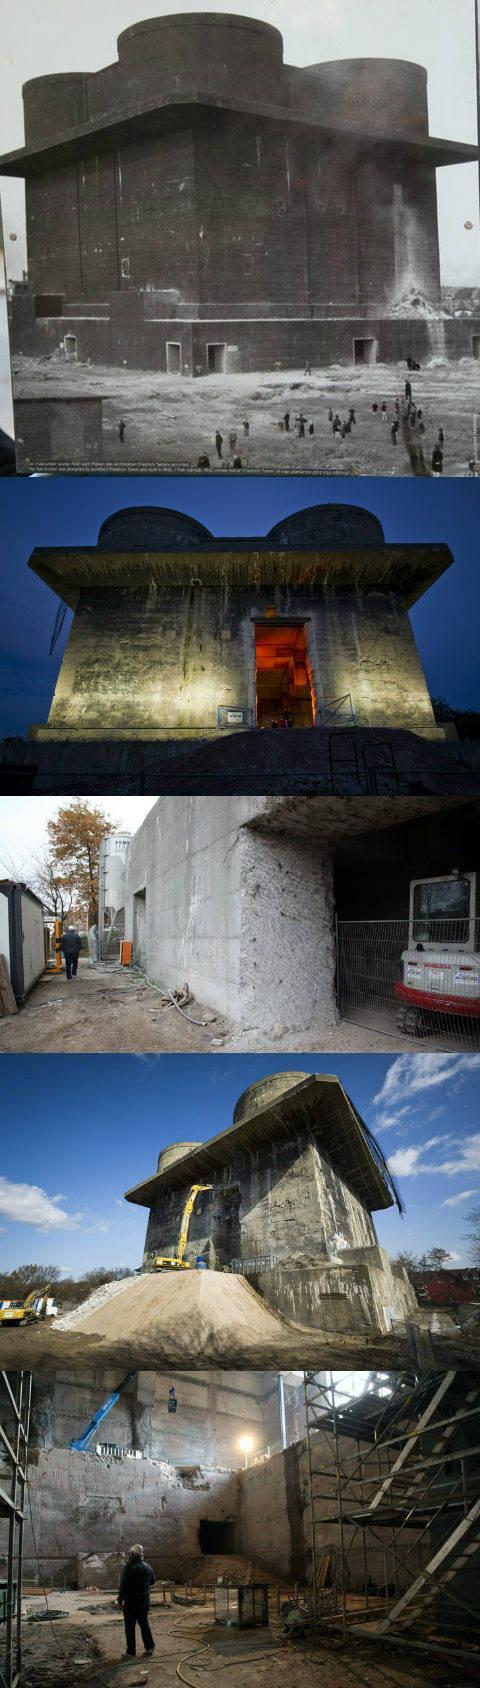 Нацистский бункер будет превращен немцами в альтернативную электростанцию